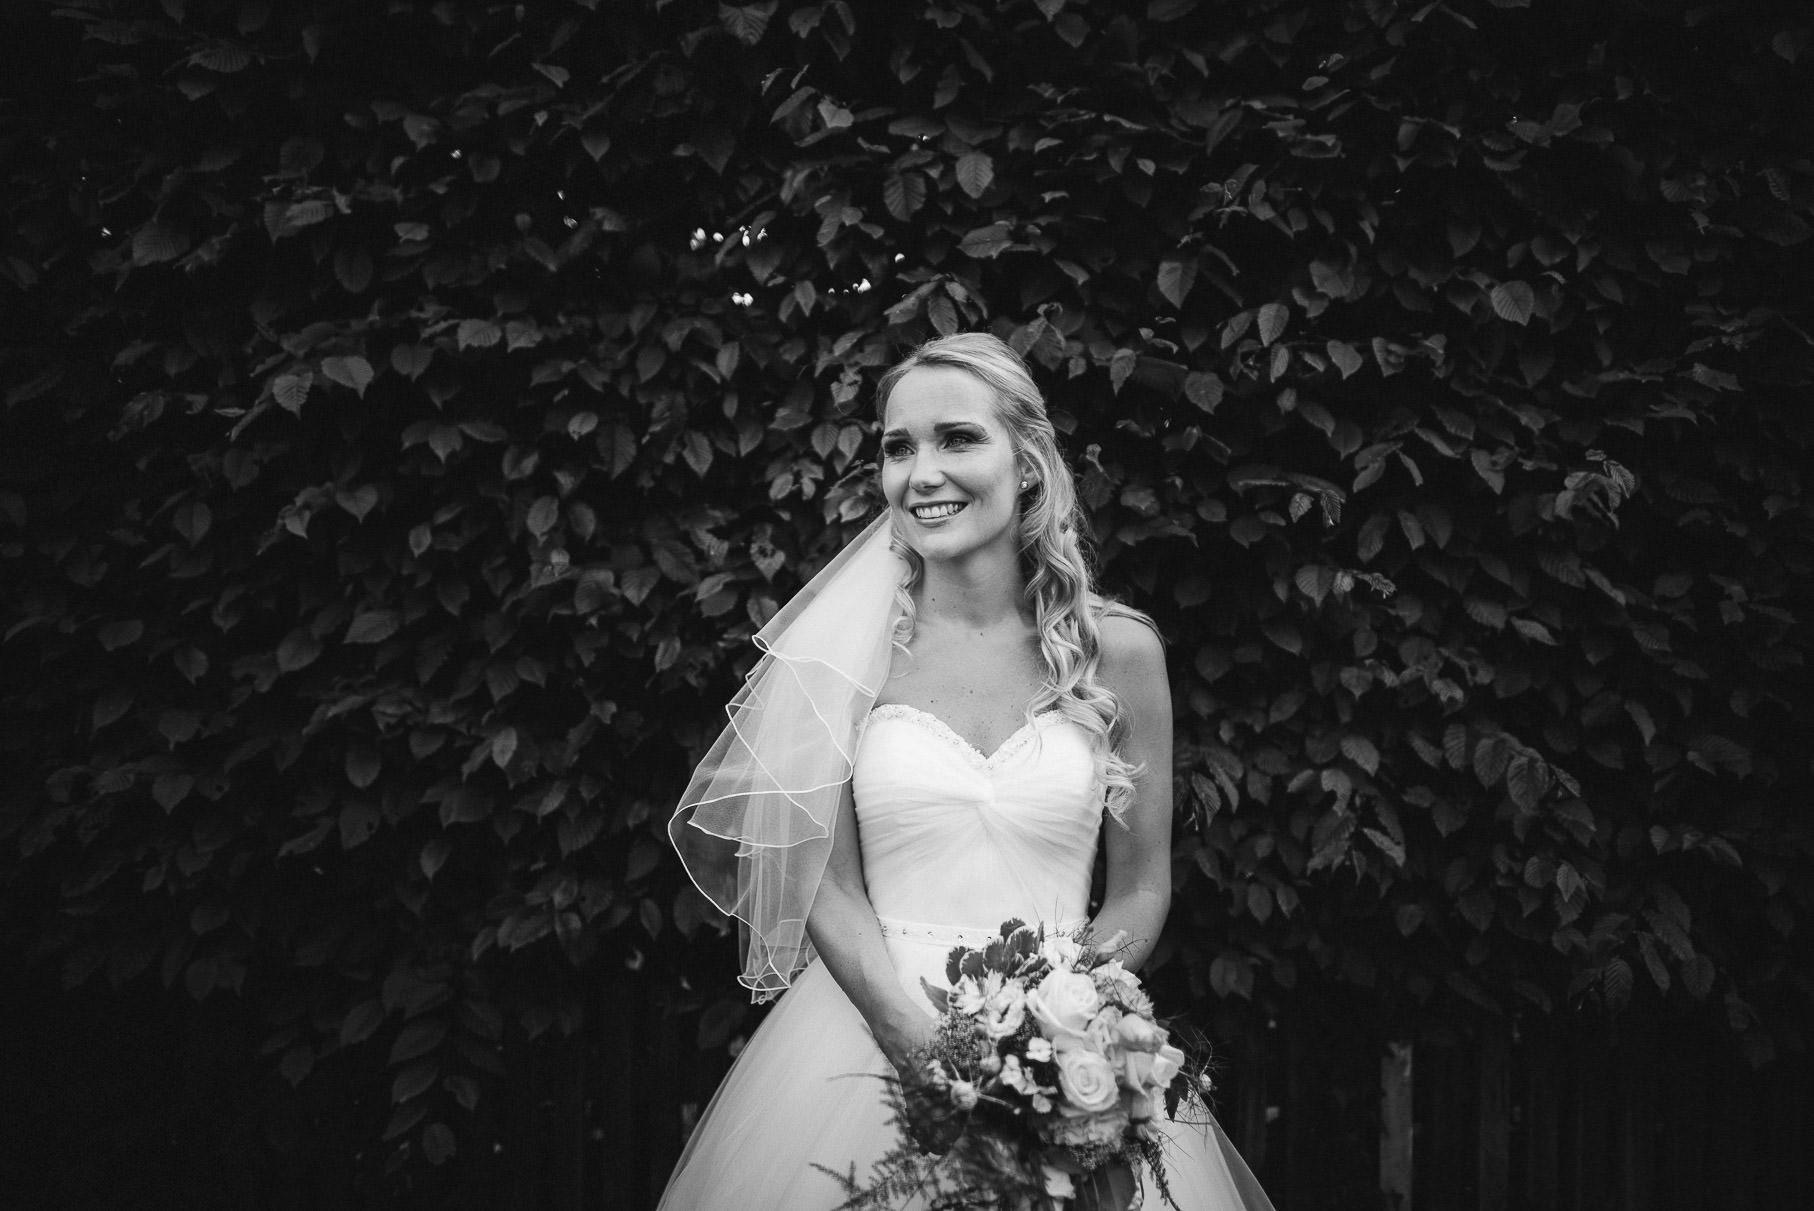 0012 jus 812 8726 - Hochzeit im Wasserturm Lüneburg - Jenny & Sascha